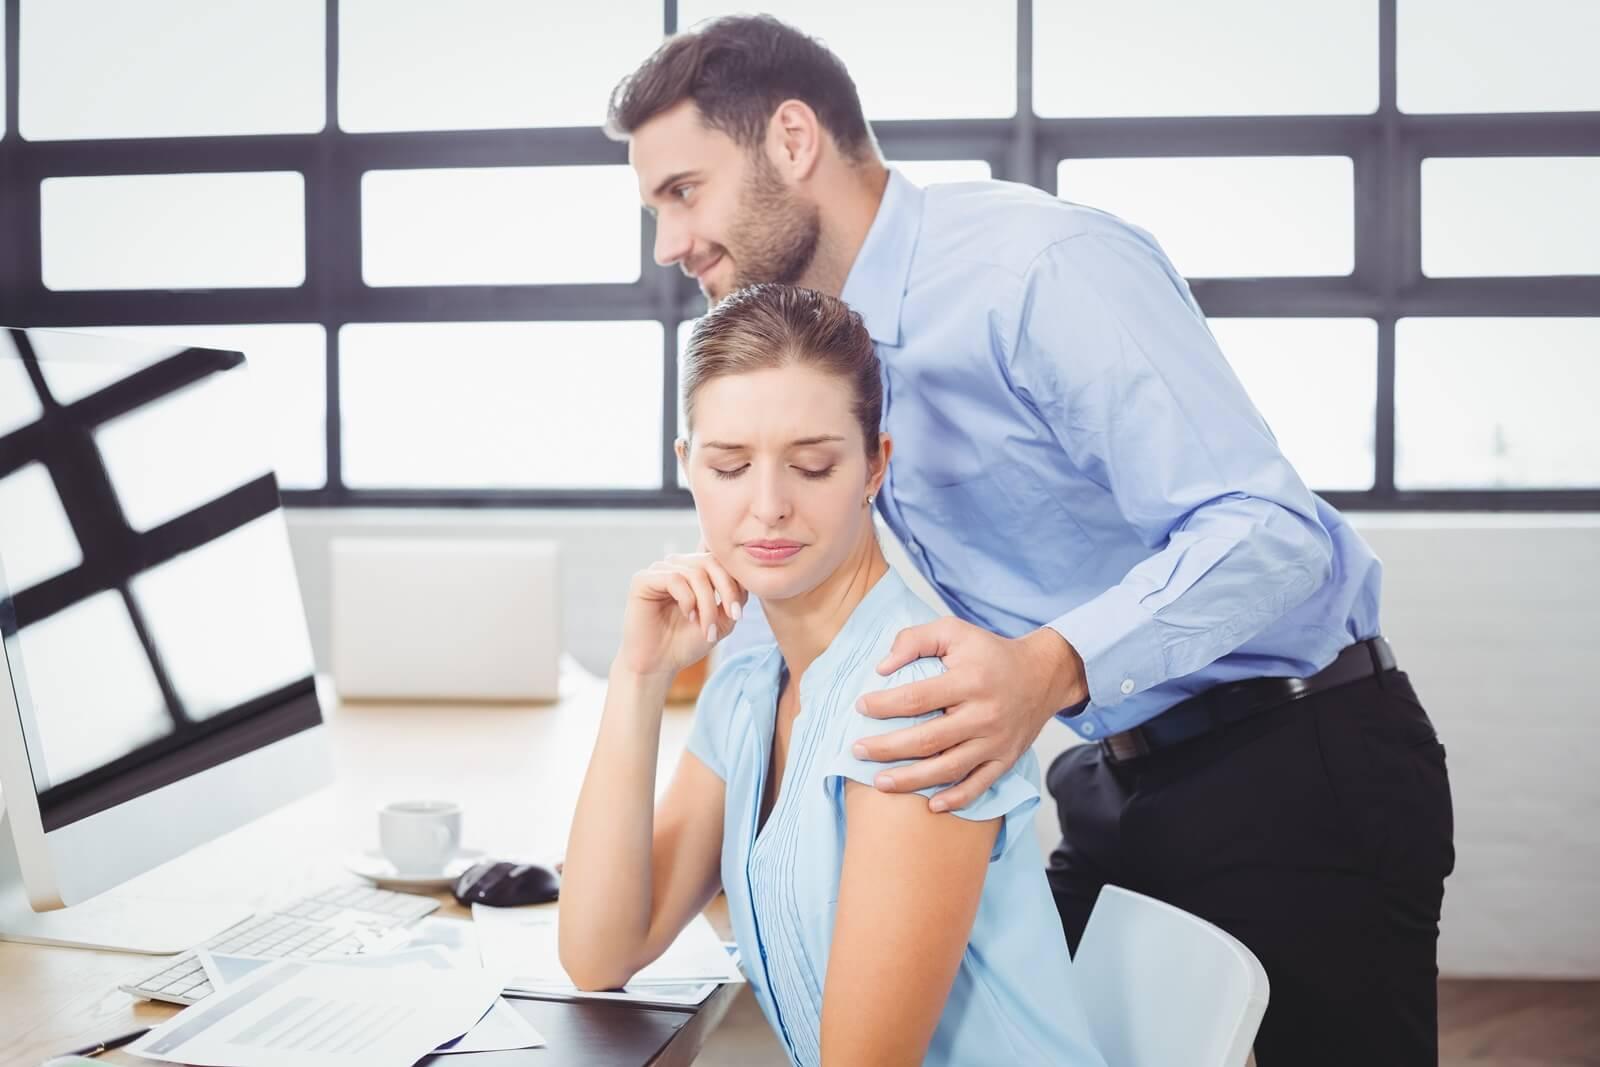 Mitarbeiterzufriedenheit, Belästigung, sexuelle Belästigung, AGG, Schutz, Mitarbeiter, Kunden, Arbeitsrecht